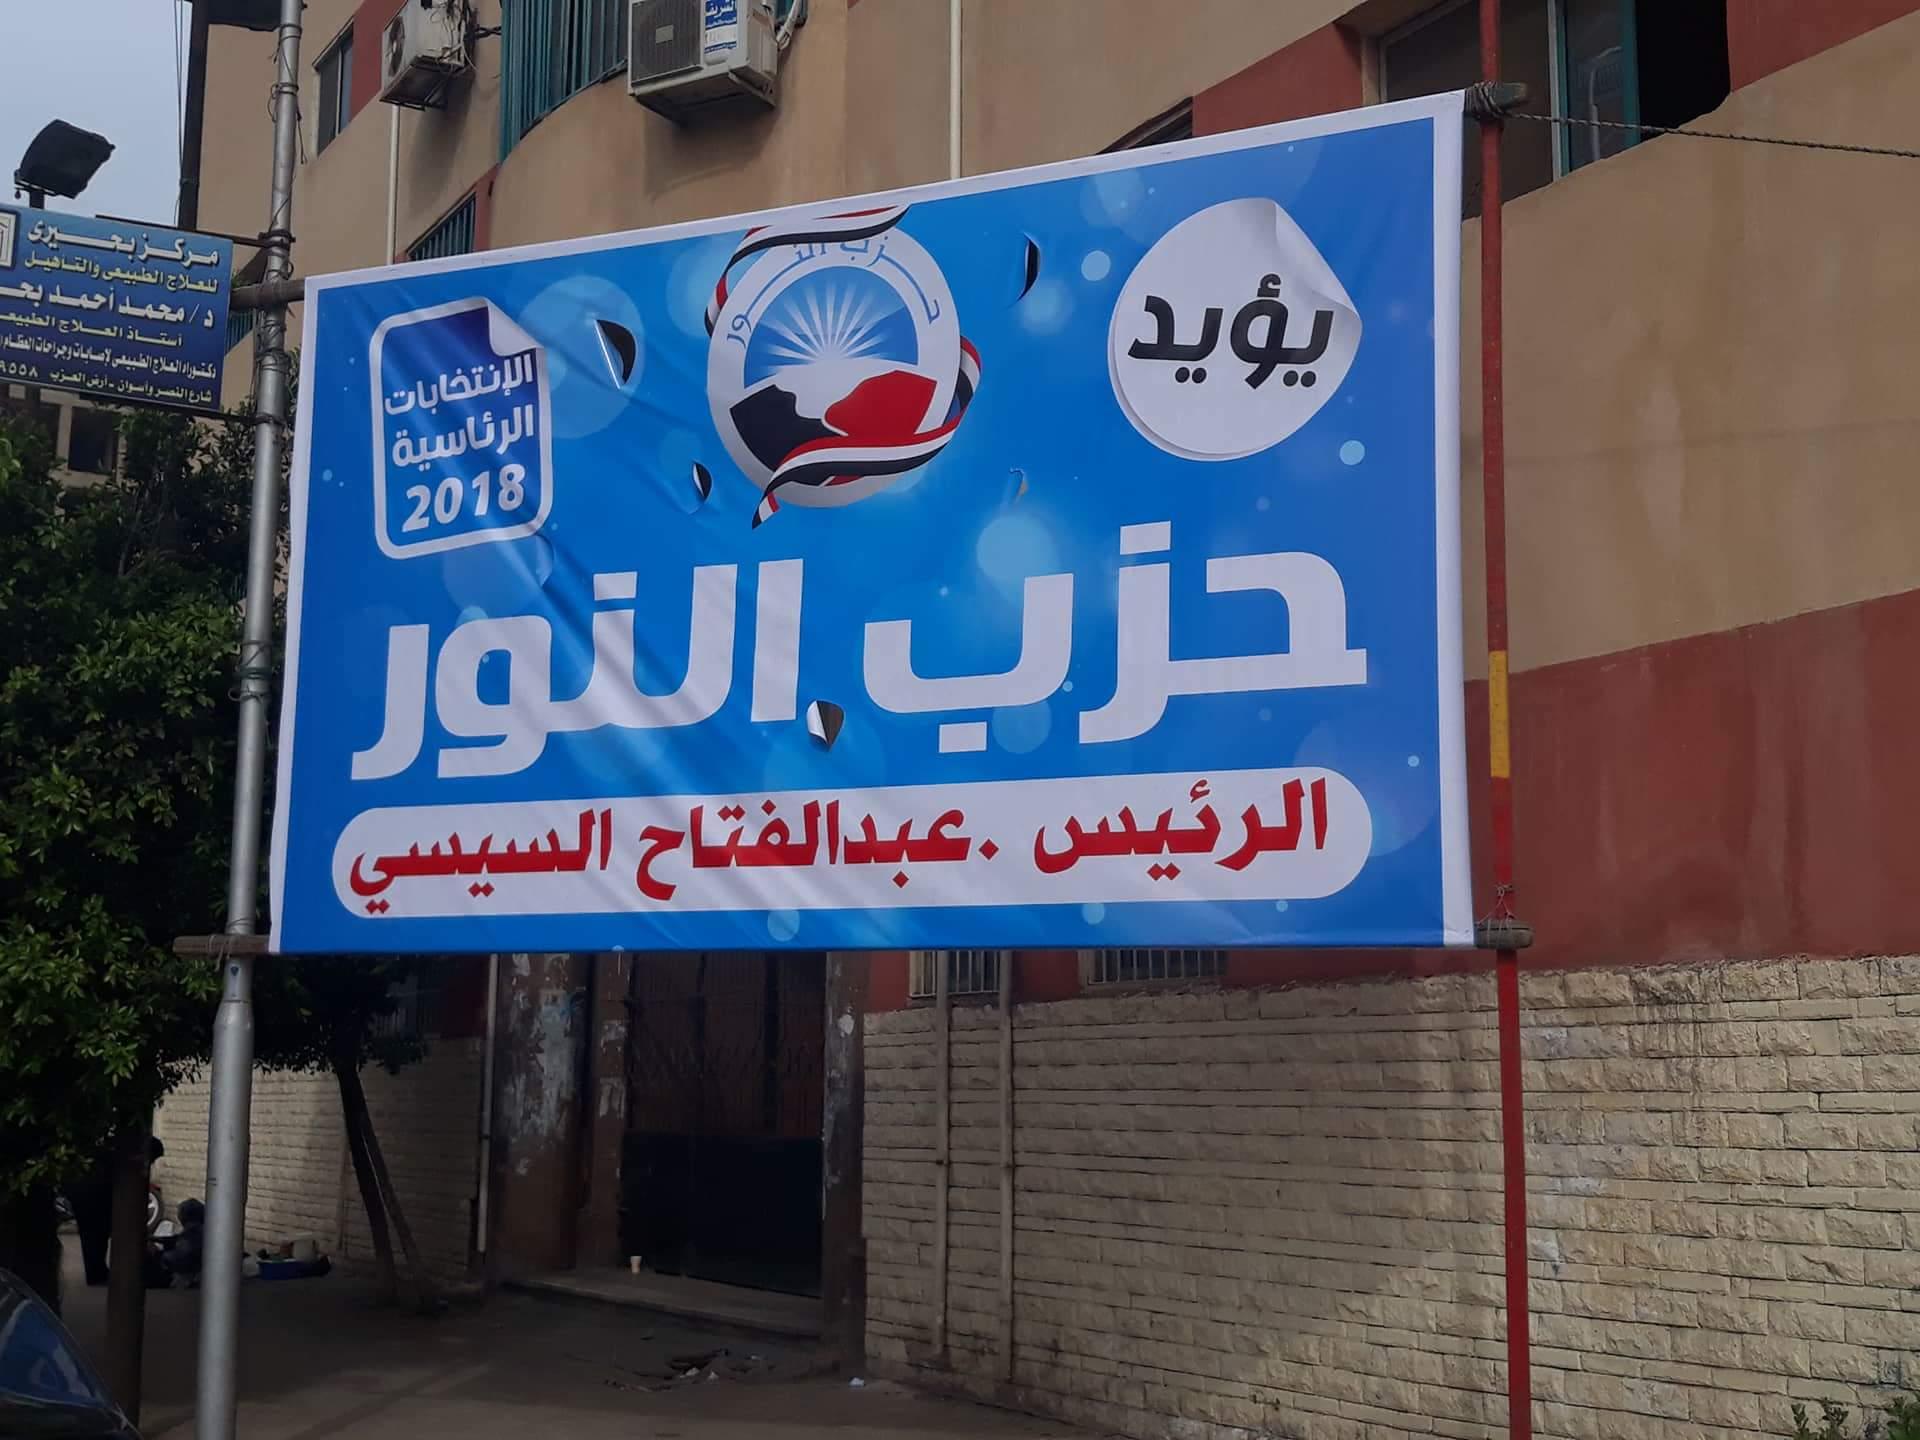 لافتات لحزب النور ببورسعيد دعمًا للرئيس السيسي